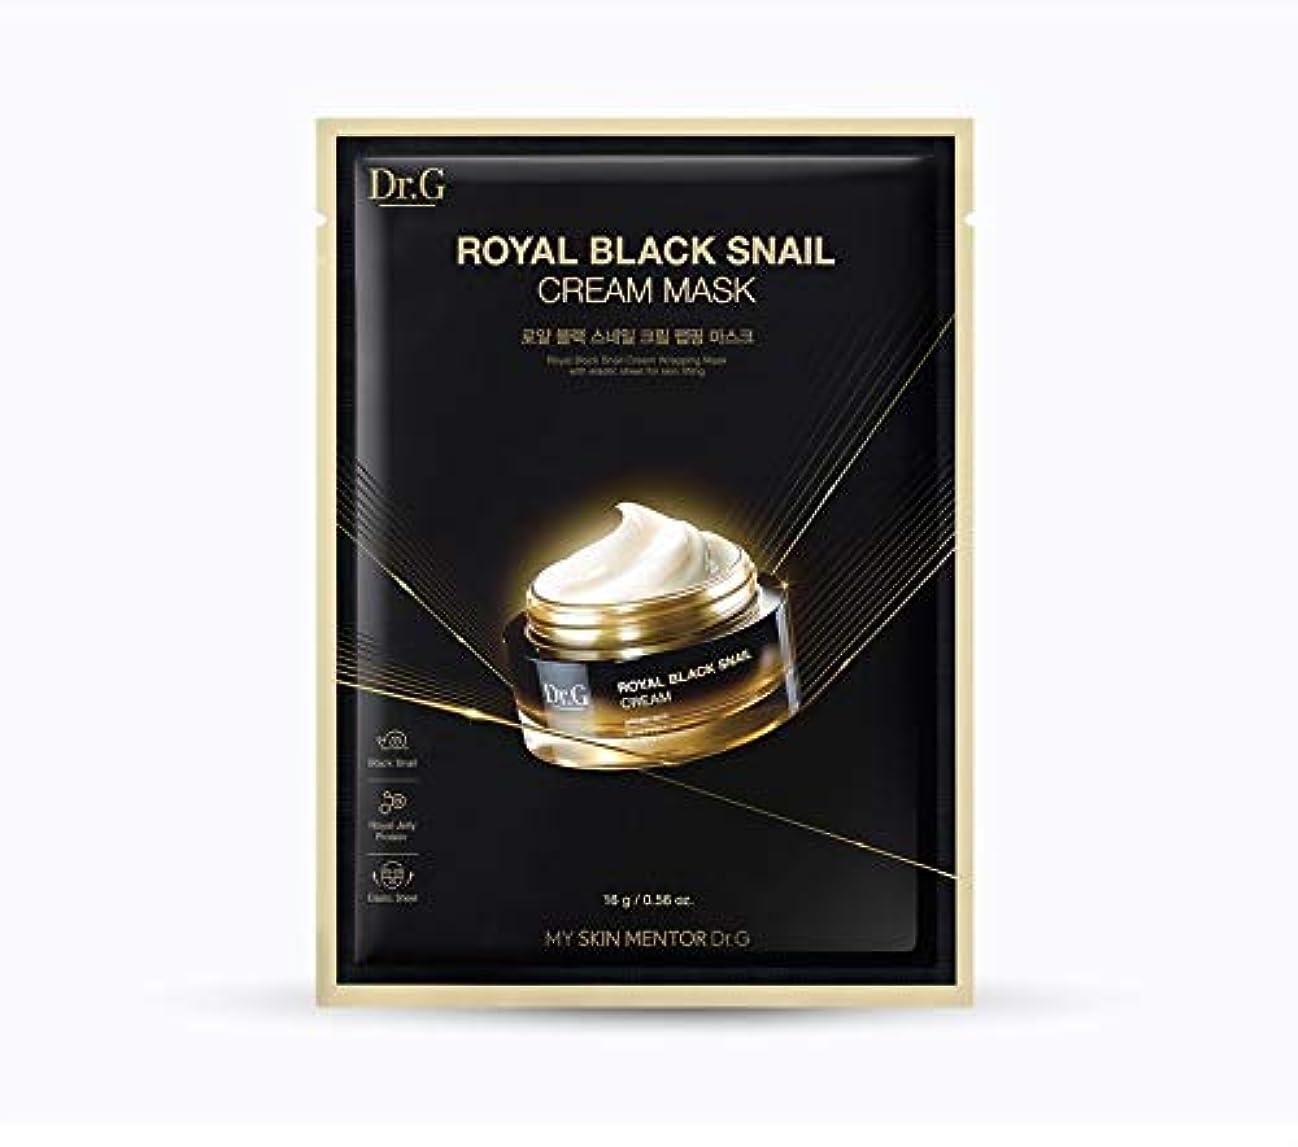 第四鎖伸ばすDr.Gロイヤルブラックスネイルクリームマスク10EA 韓国の人気化粧品ブランドの人気マスクパックスキンケア肌鎮静カタツムリクリーム SNAIL CREAM MASK